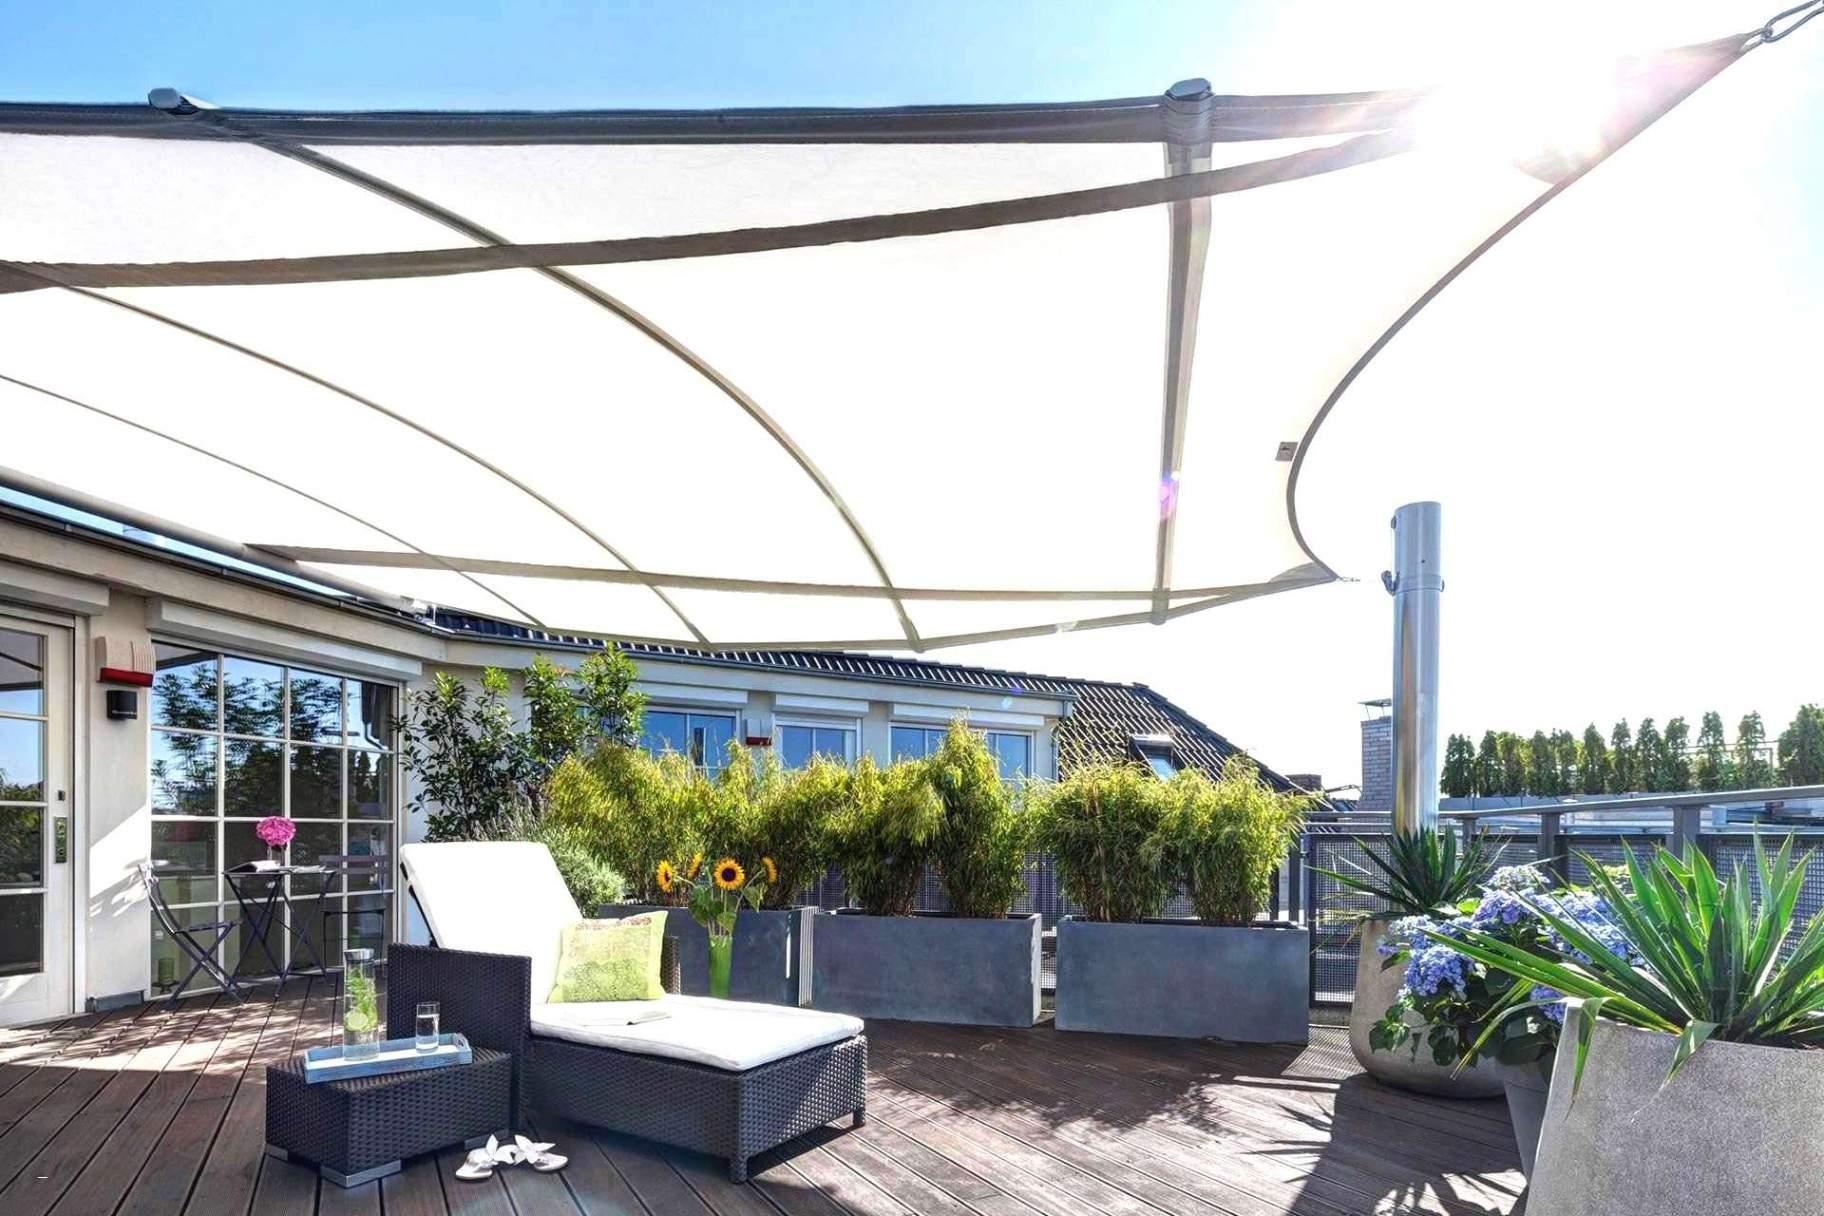 schallschutz garten selber bauen einzigartig terrasse pflanzen sichtschutz temobardz home blog of schallschutz garten selber bauen 1